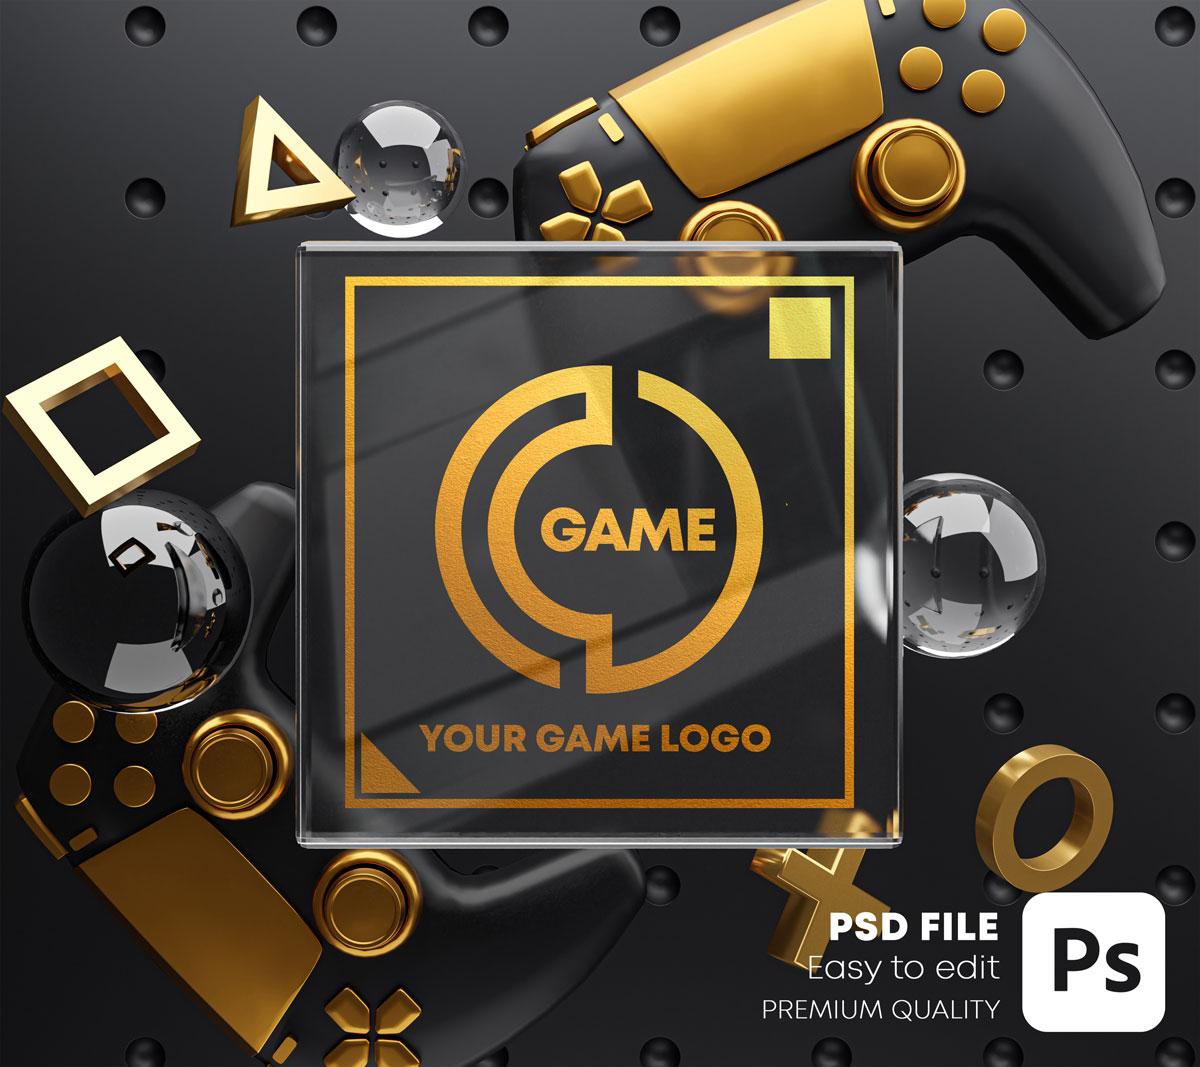 游戏场景玻璃效果徽标展示样机包 Gaming Glass Logo Mockup Gamepad Pack插图(1)